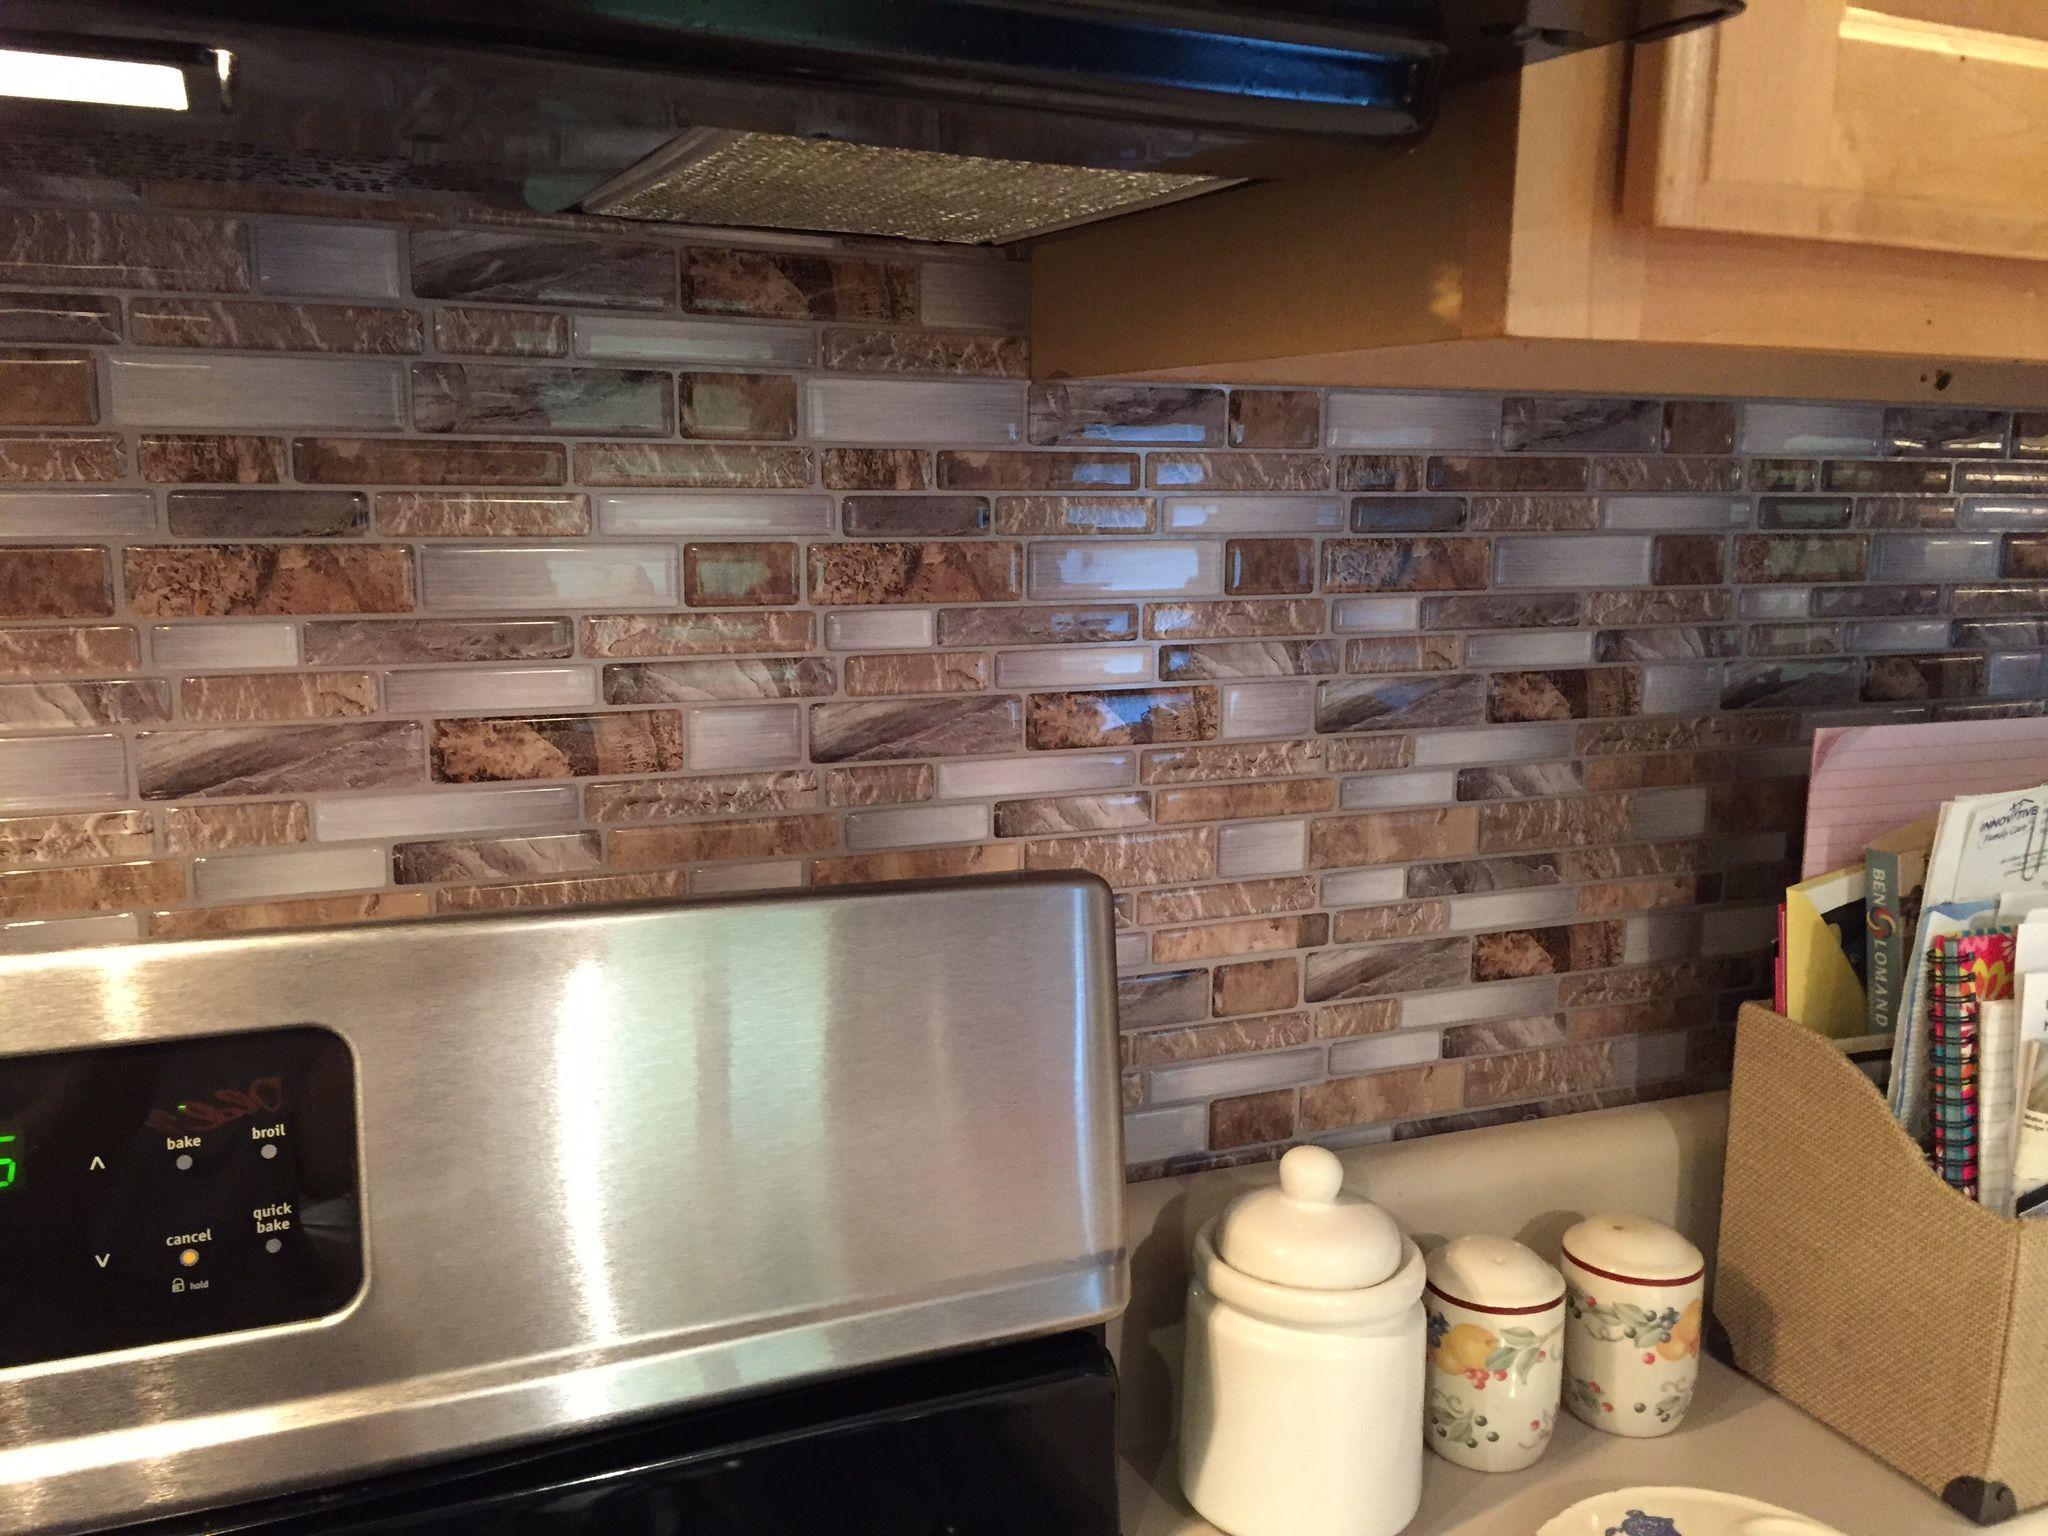 - Peel And Stick Backsplash From Lowes Kitchen Tiles Backsplash